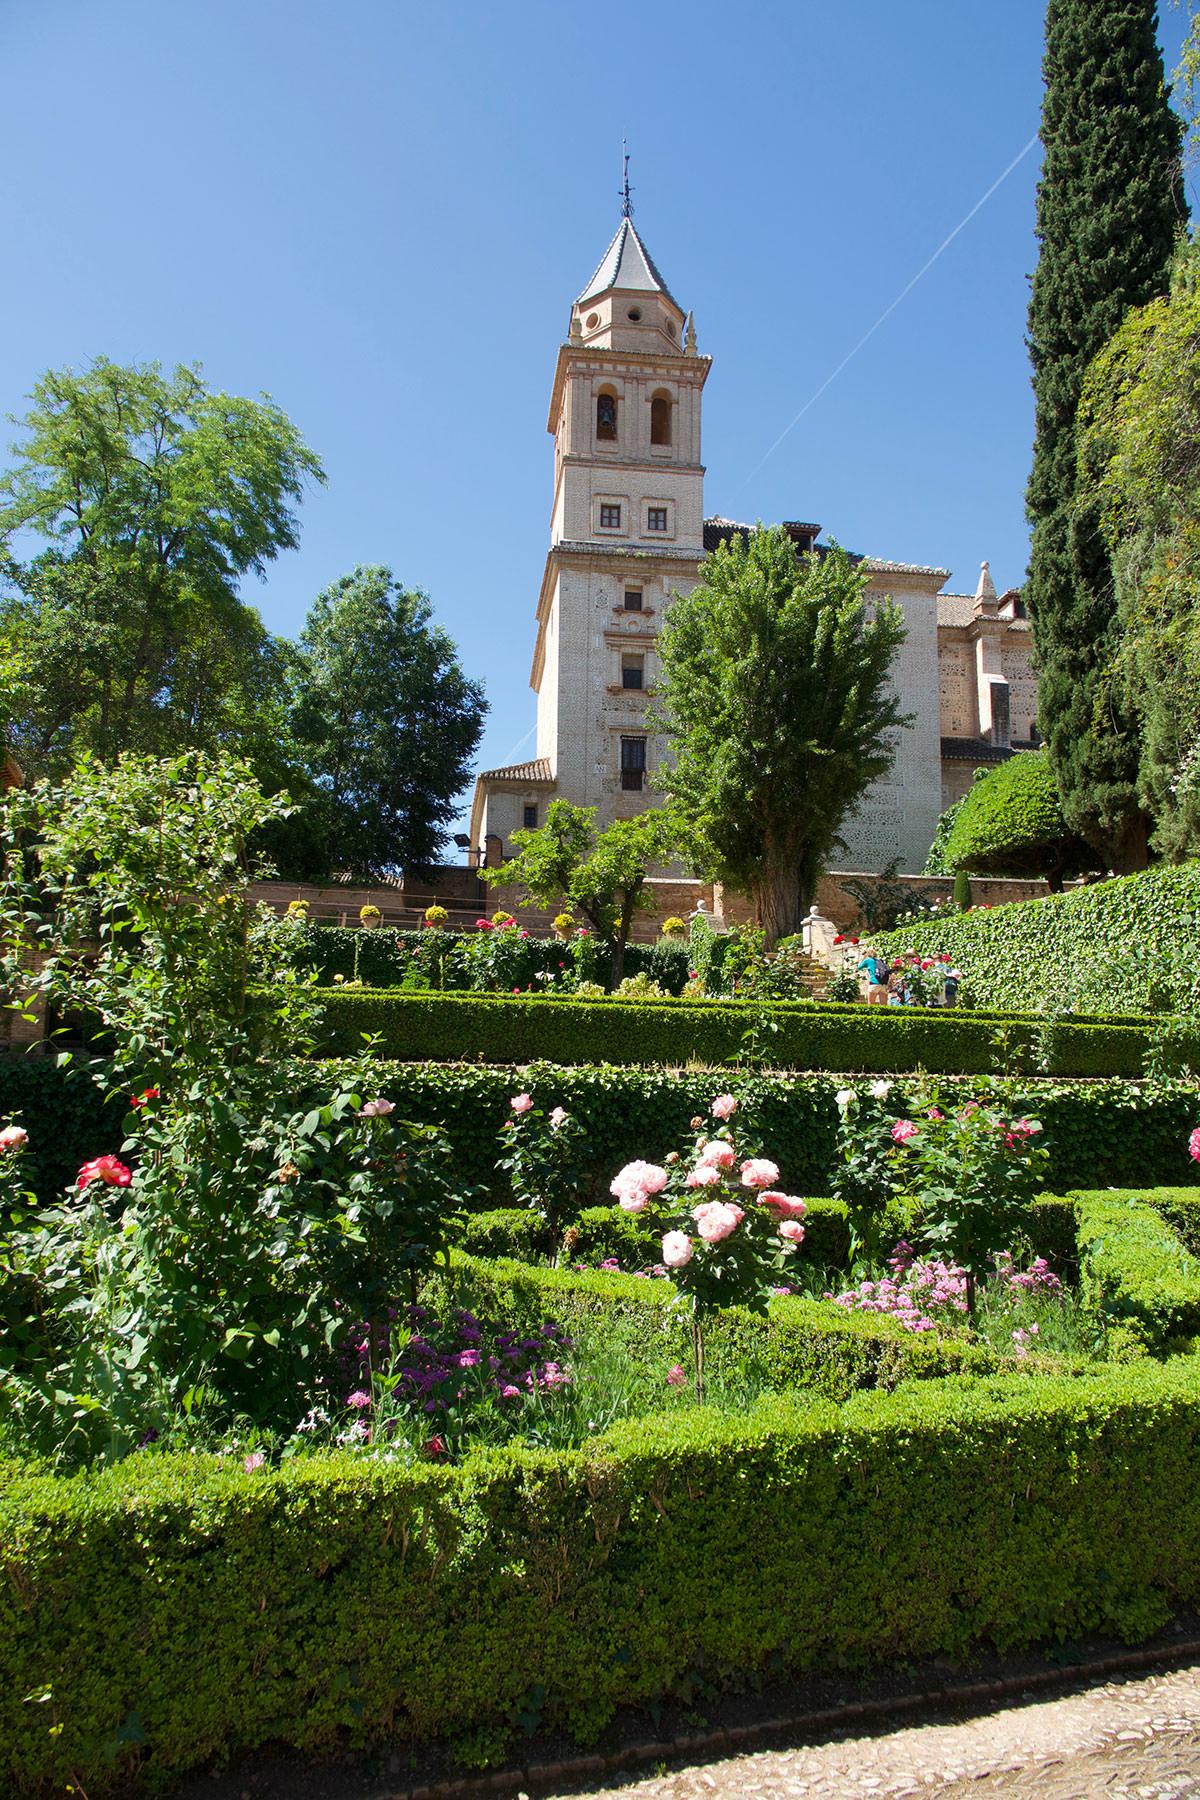 Eine Station meines Reiseromans ist die Alhambra von Granada